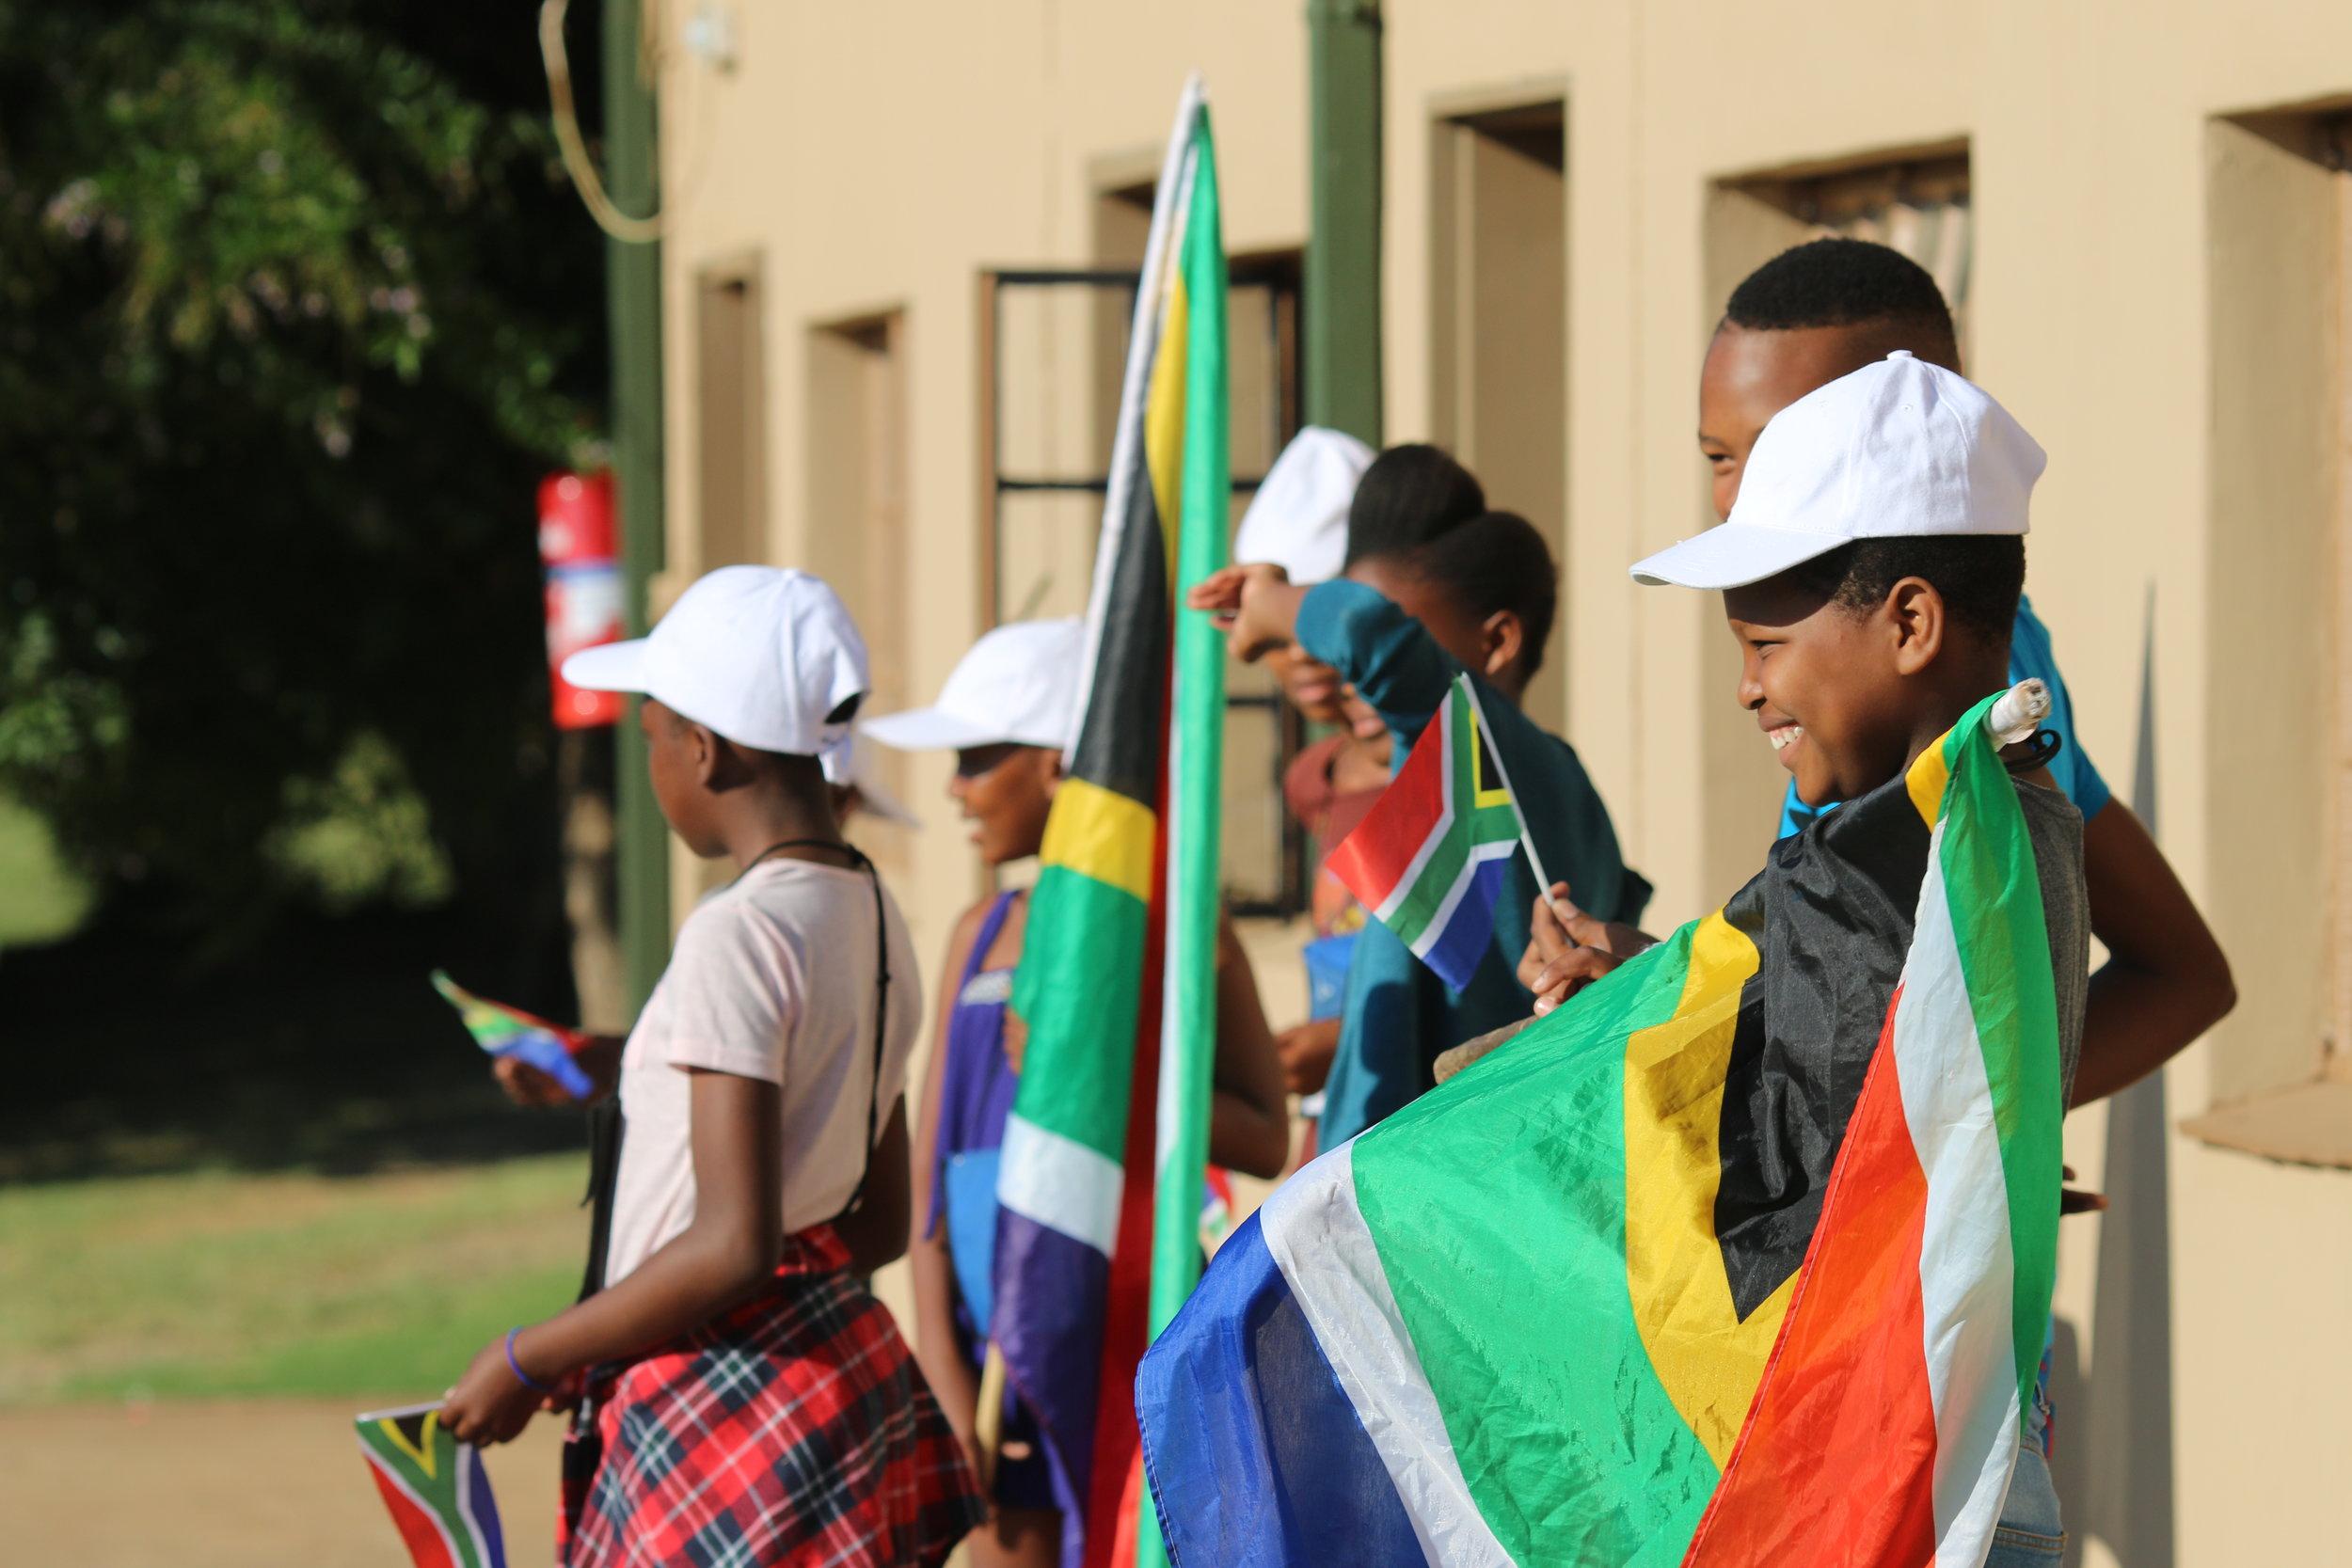 kids with SA flags